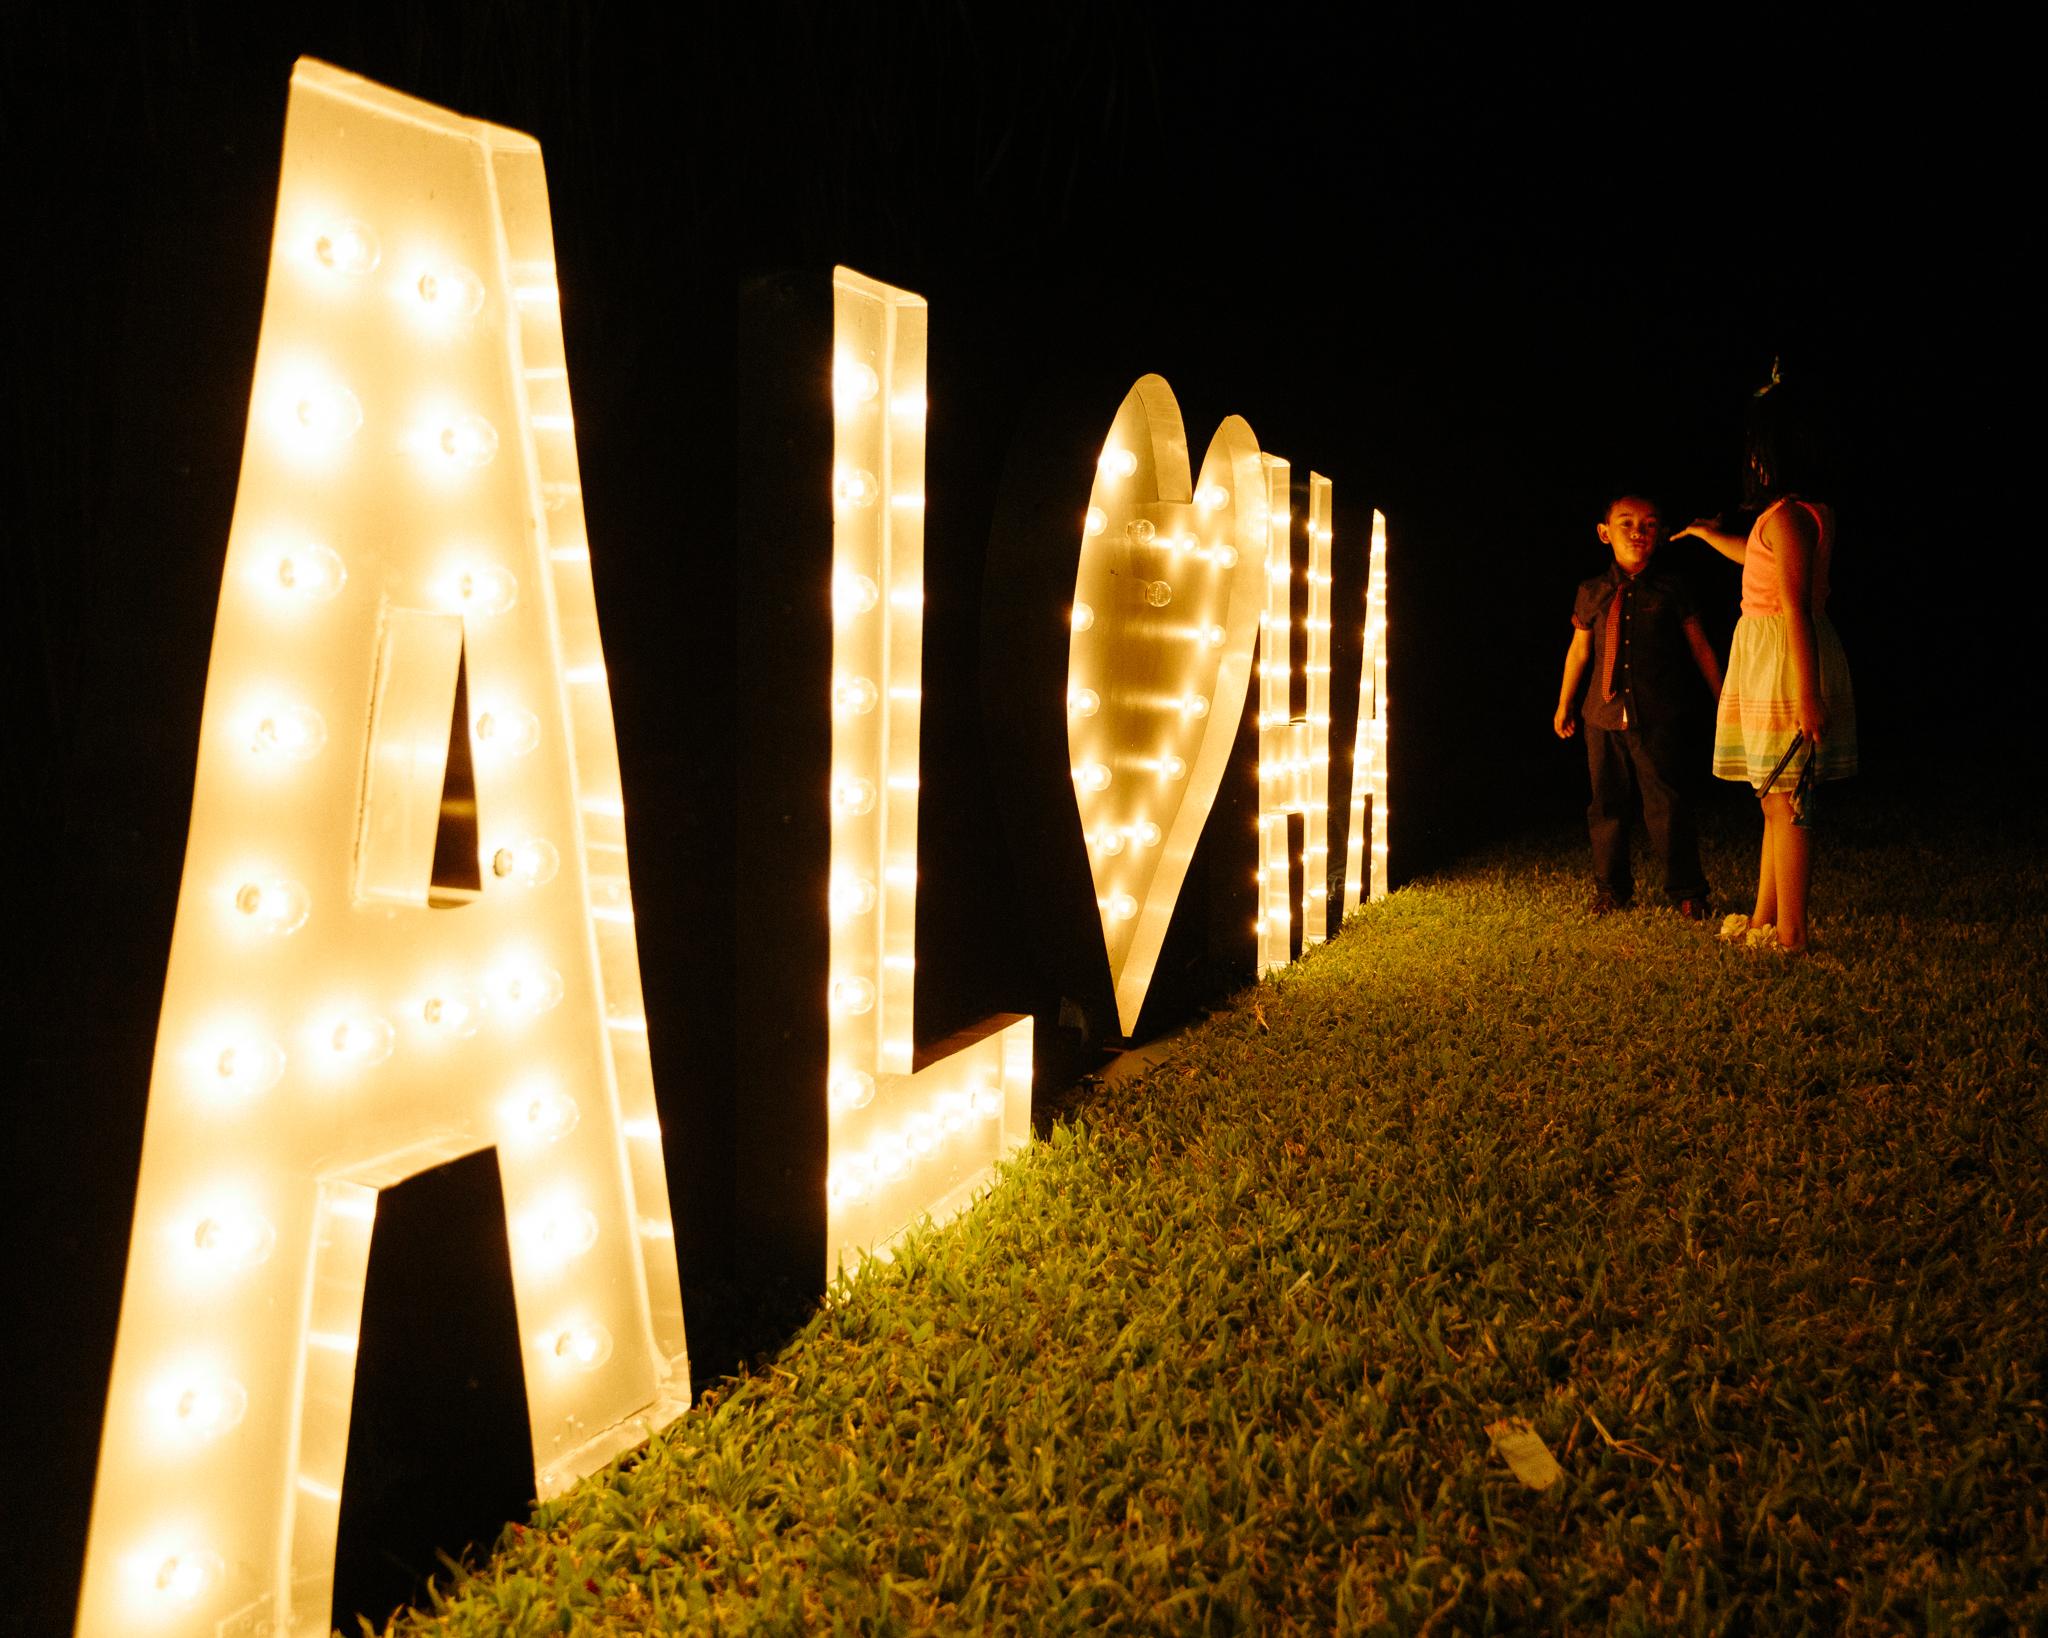 kualoa_ranch_wedding_photography_tone_hawaii-94.jpg